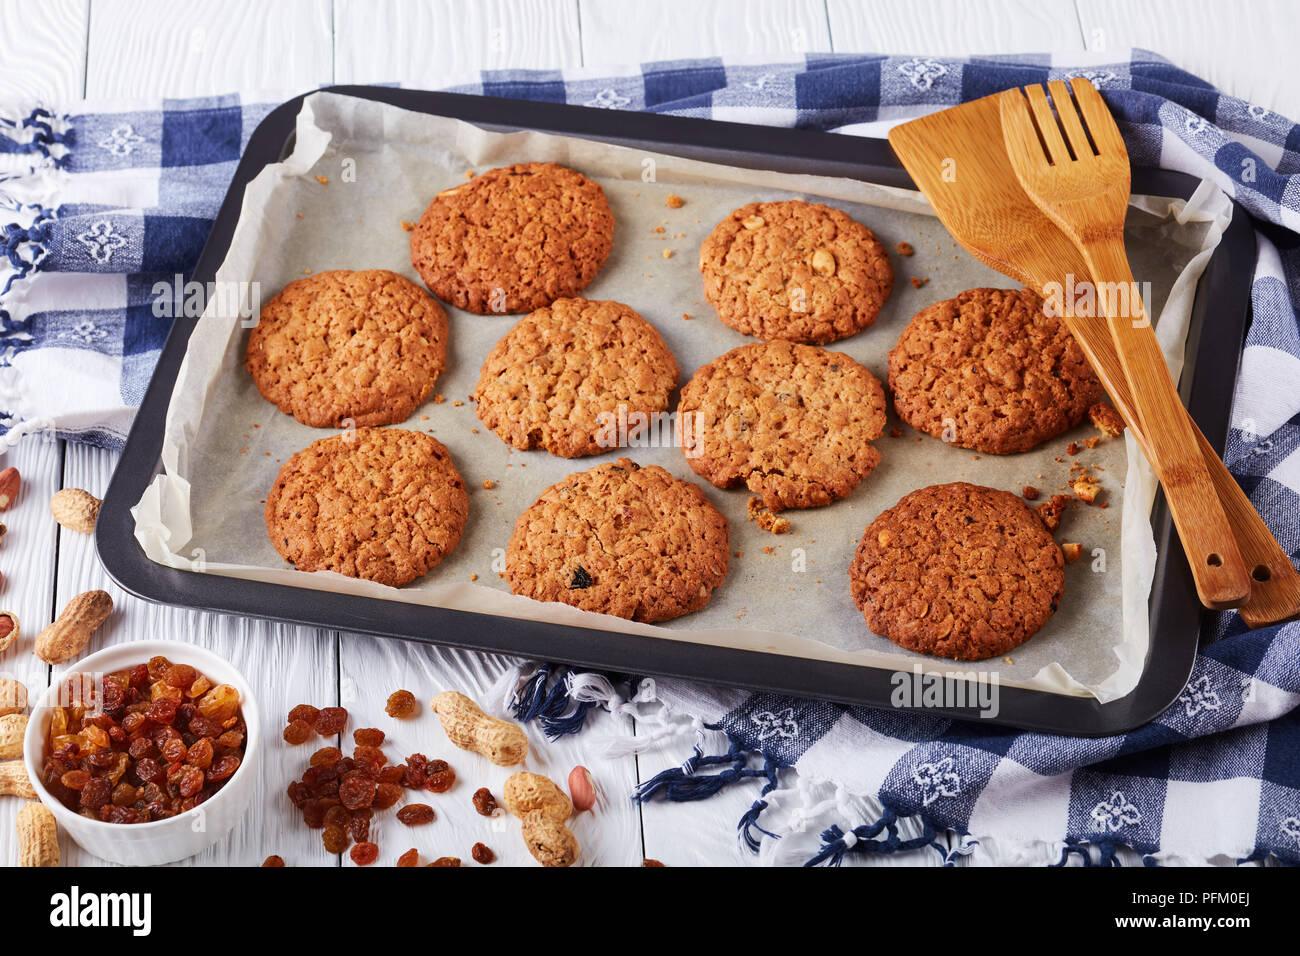 Biscuits fraîchement cuits au four avec des raisins secs et les arachides sur une plaque de cuisson avec des spatules en bois et cuisine serviette, vue horizontale à partir de ci-dessus, close-up Banque D'Images